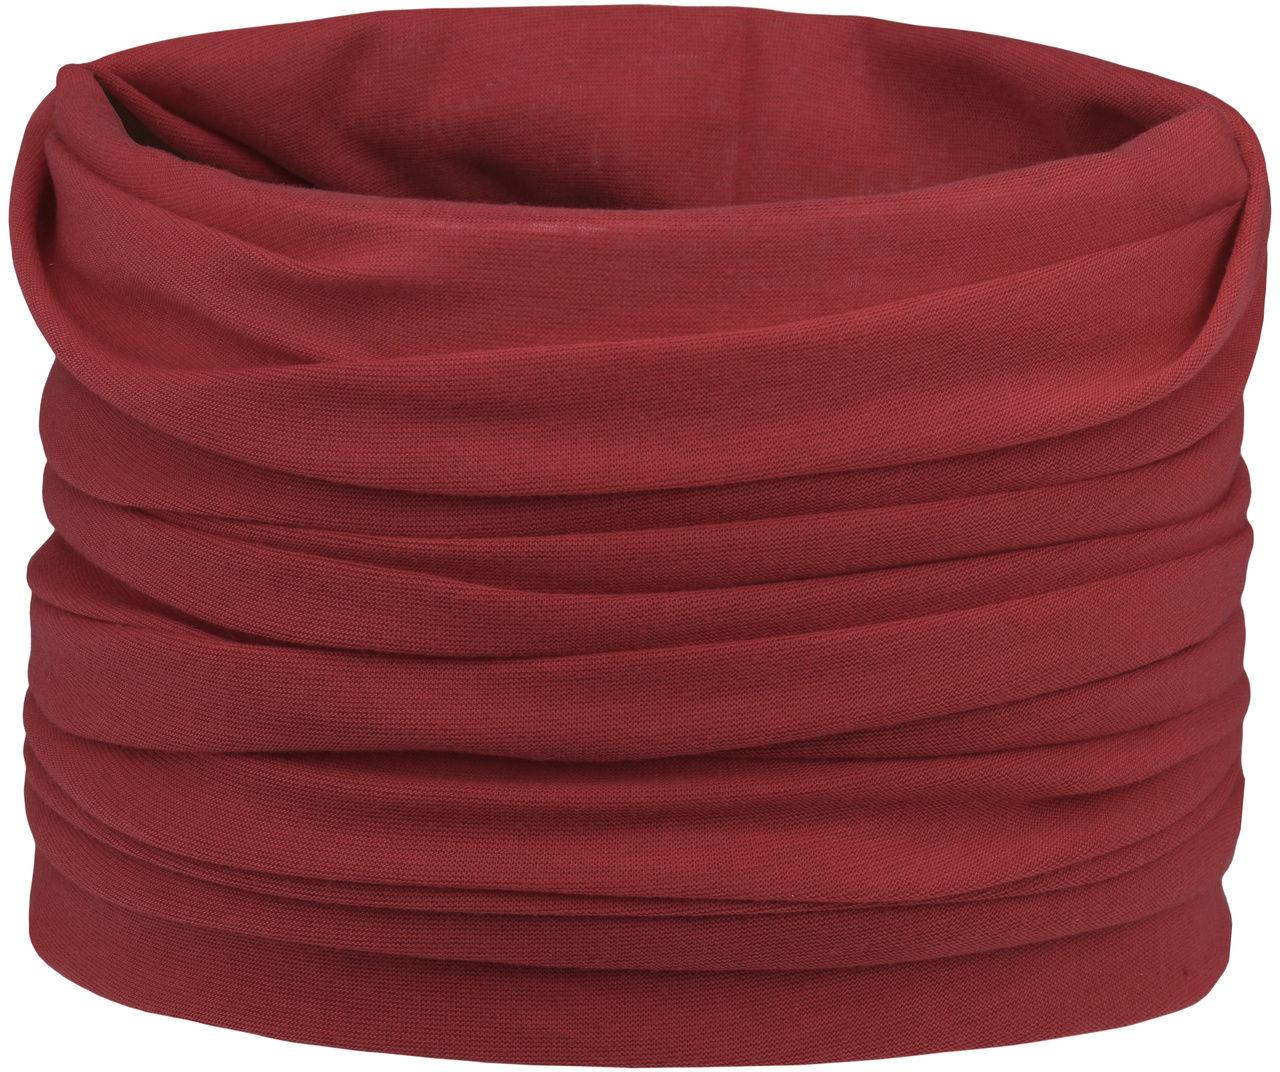 Chusta Wielofunkcyjna Freedom Basic, czerwony, One Size